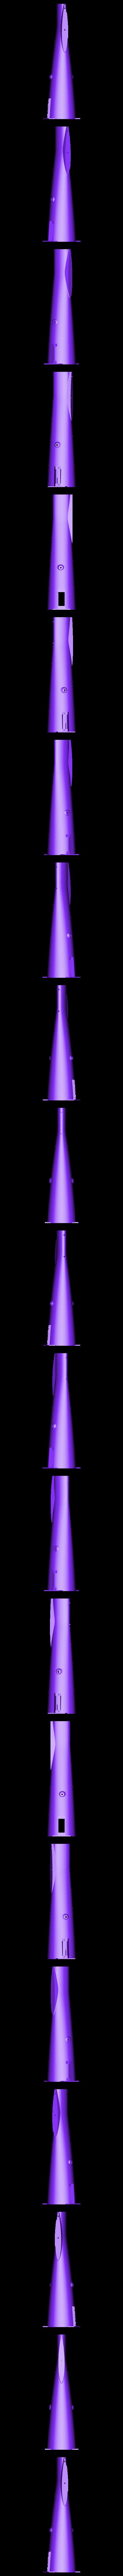 fuselage_3.stl Télécharger fichier STL gratuit Crazy Wild Ellipse Wing (expérimental) • Modèle imprimable en 3D, wersy